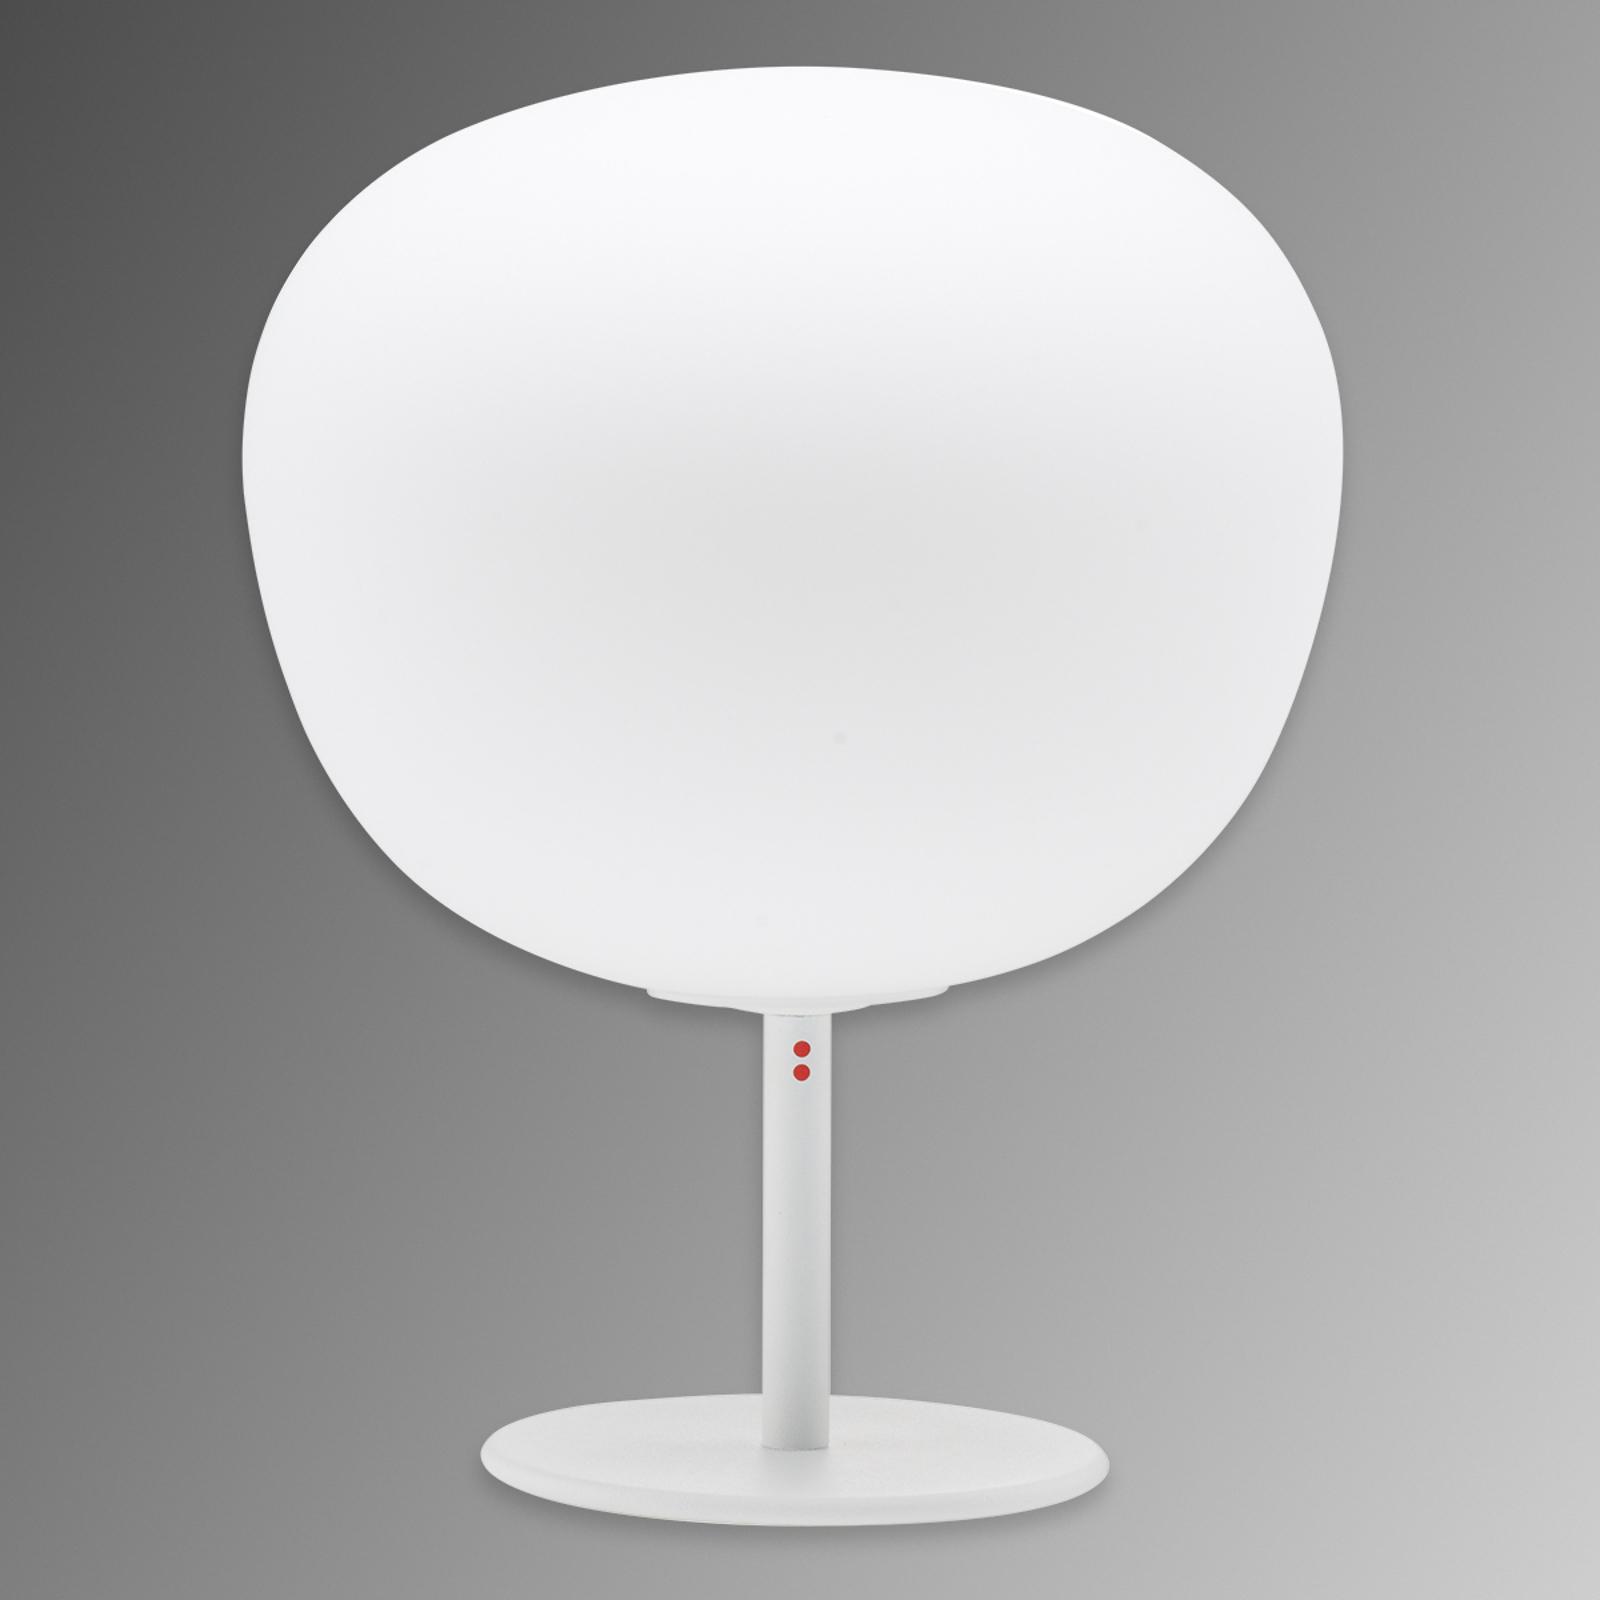 Fabbian Lumi Mochi stolní lampa, stojací, Ø 20 cm